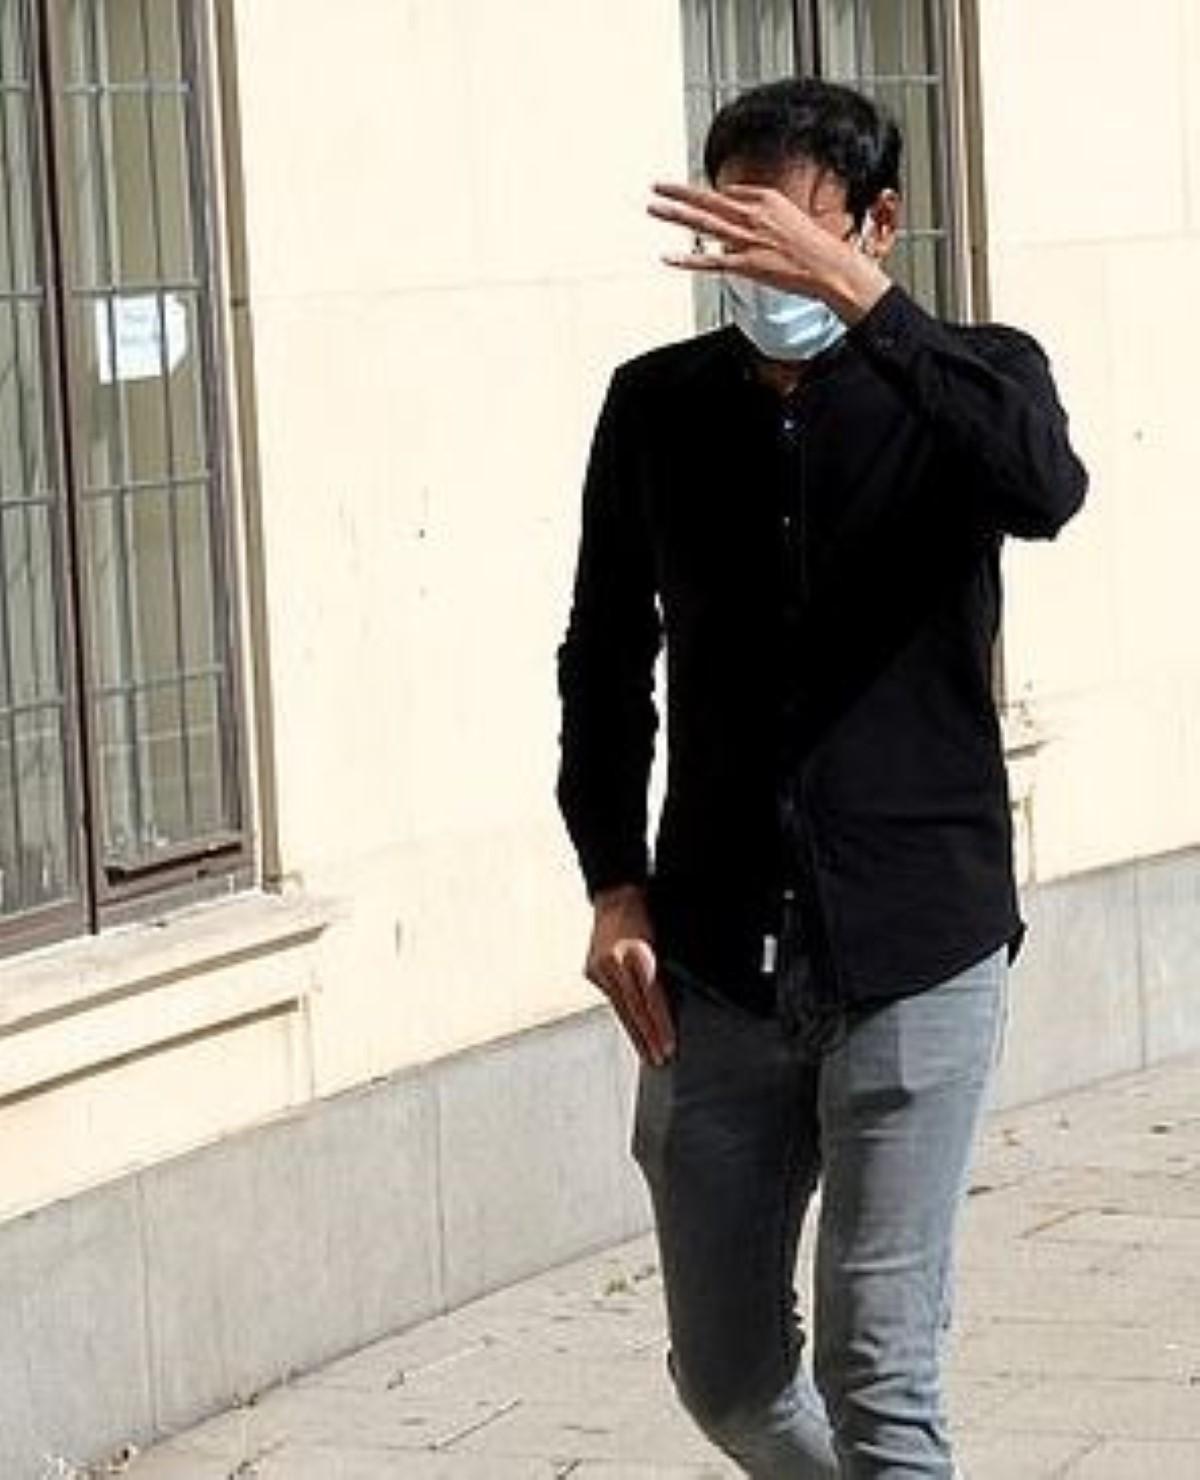 Un étudiant mauricien à Oxford, éduqué et hafiz, est accusé de pédophilie